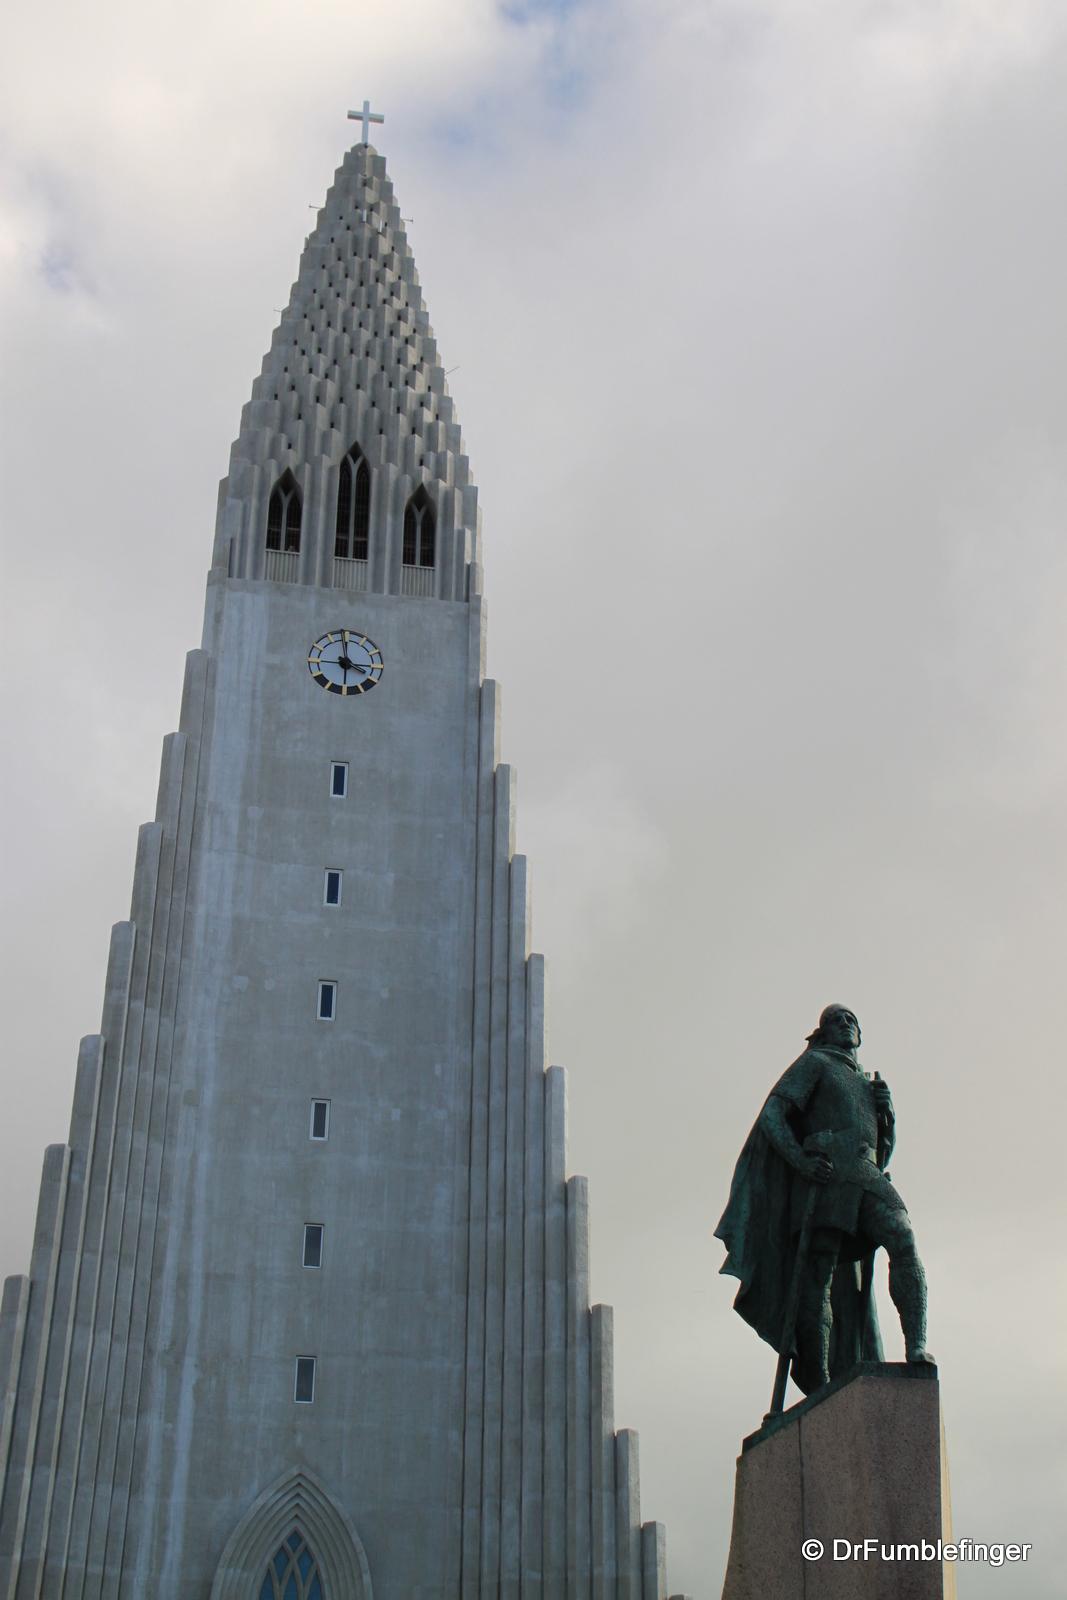 Hallsgrimkirkje and Leif Eiriksson statue